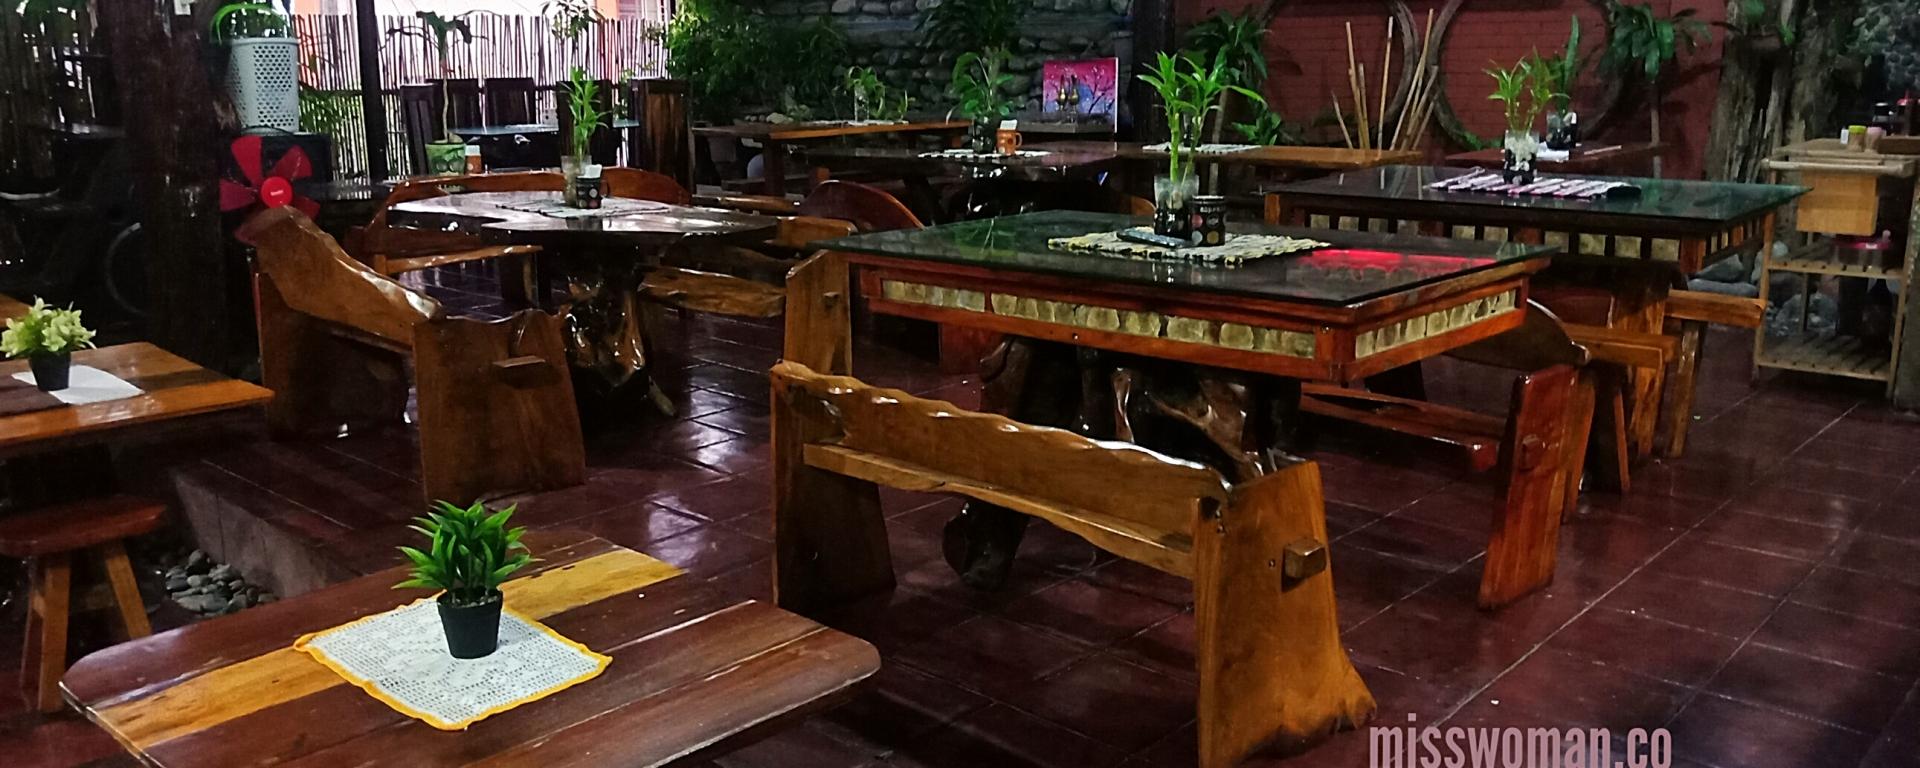 Casa De Viajero Tourist Inn Laoag Ilocos Philippines